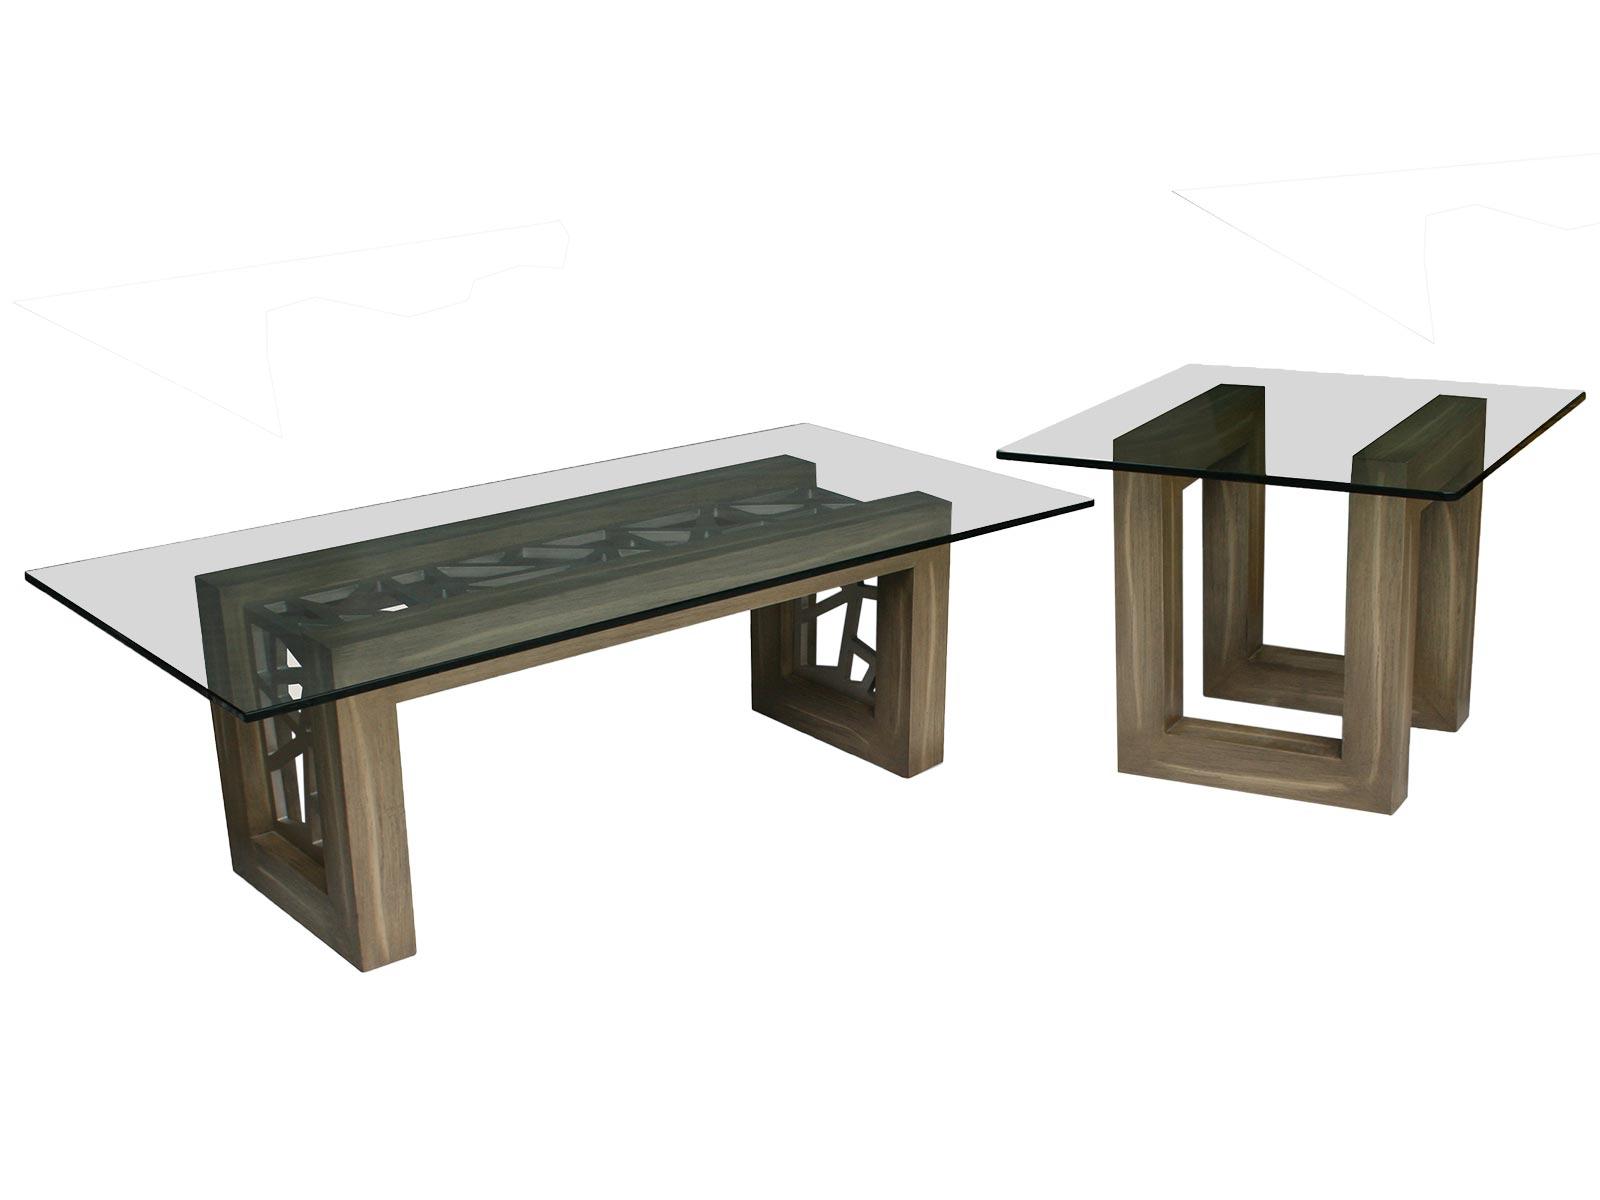 Mesas de sala categorias de los productos grupo umma for Bases para mesas de centro